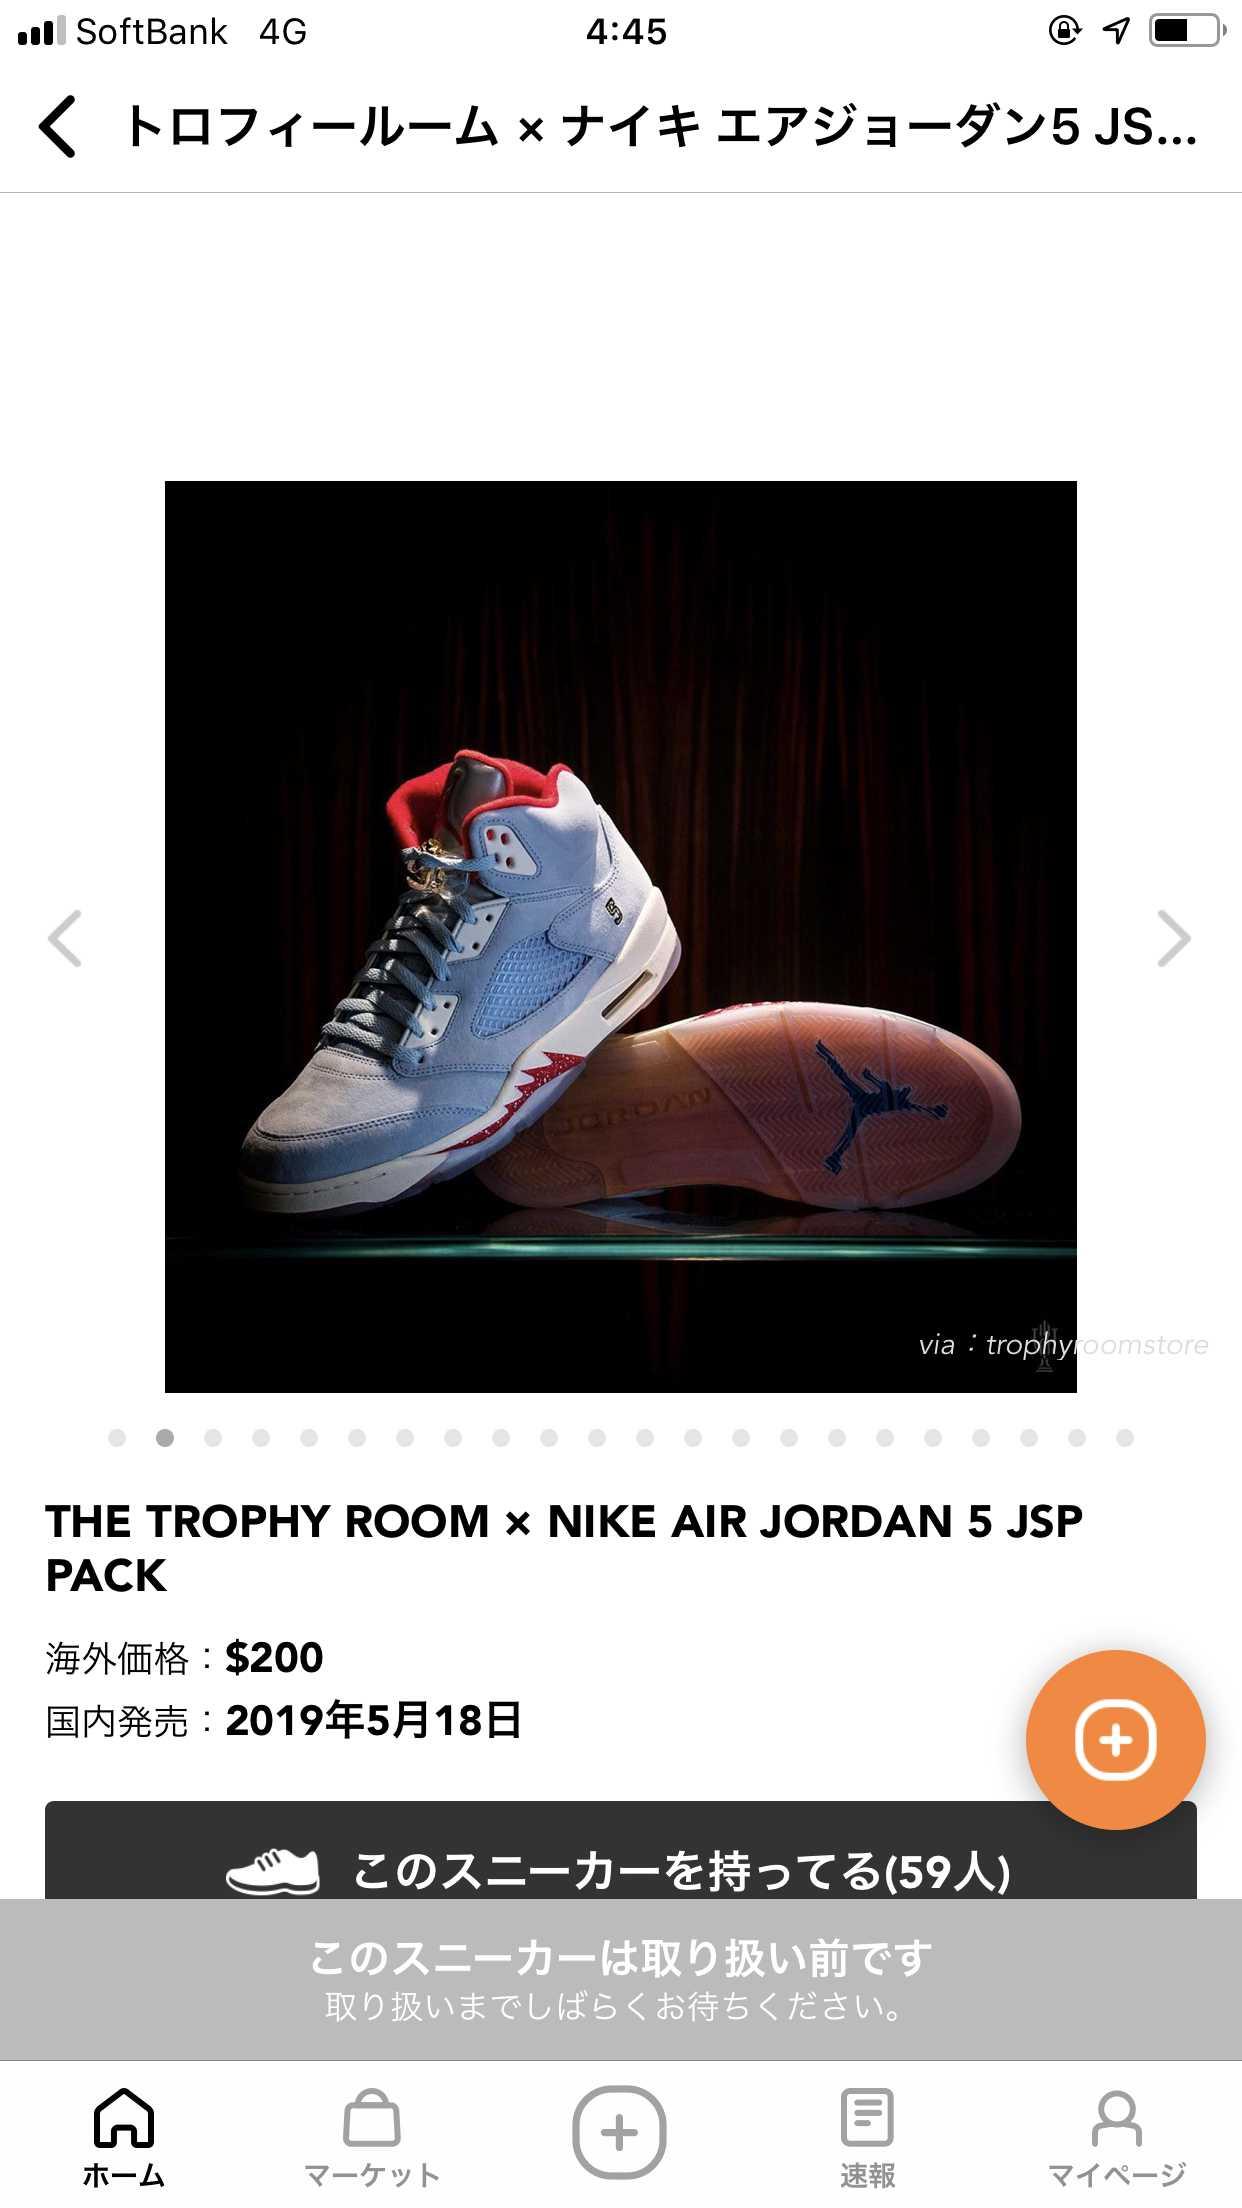 THE TROPHY ROOM × NIKE AIR JORDAN 5 JSP PACK